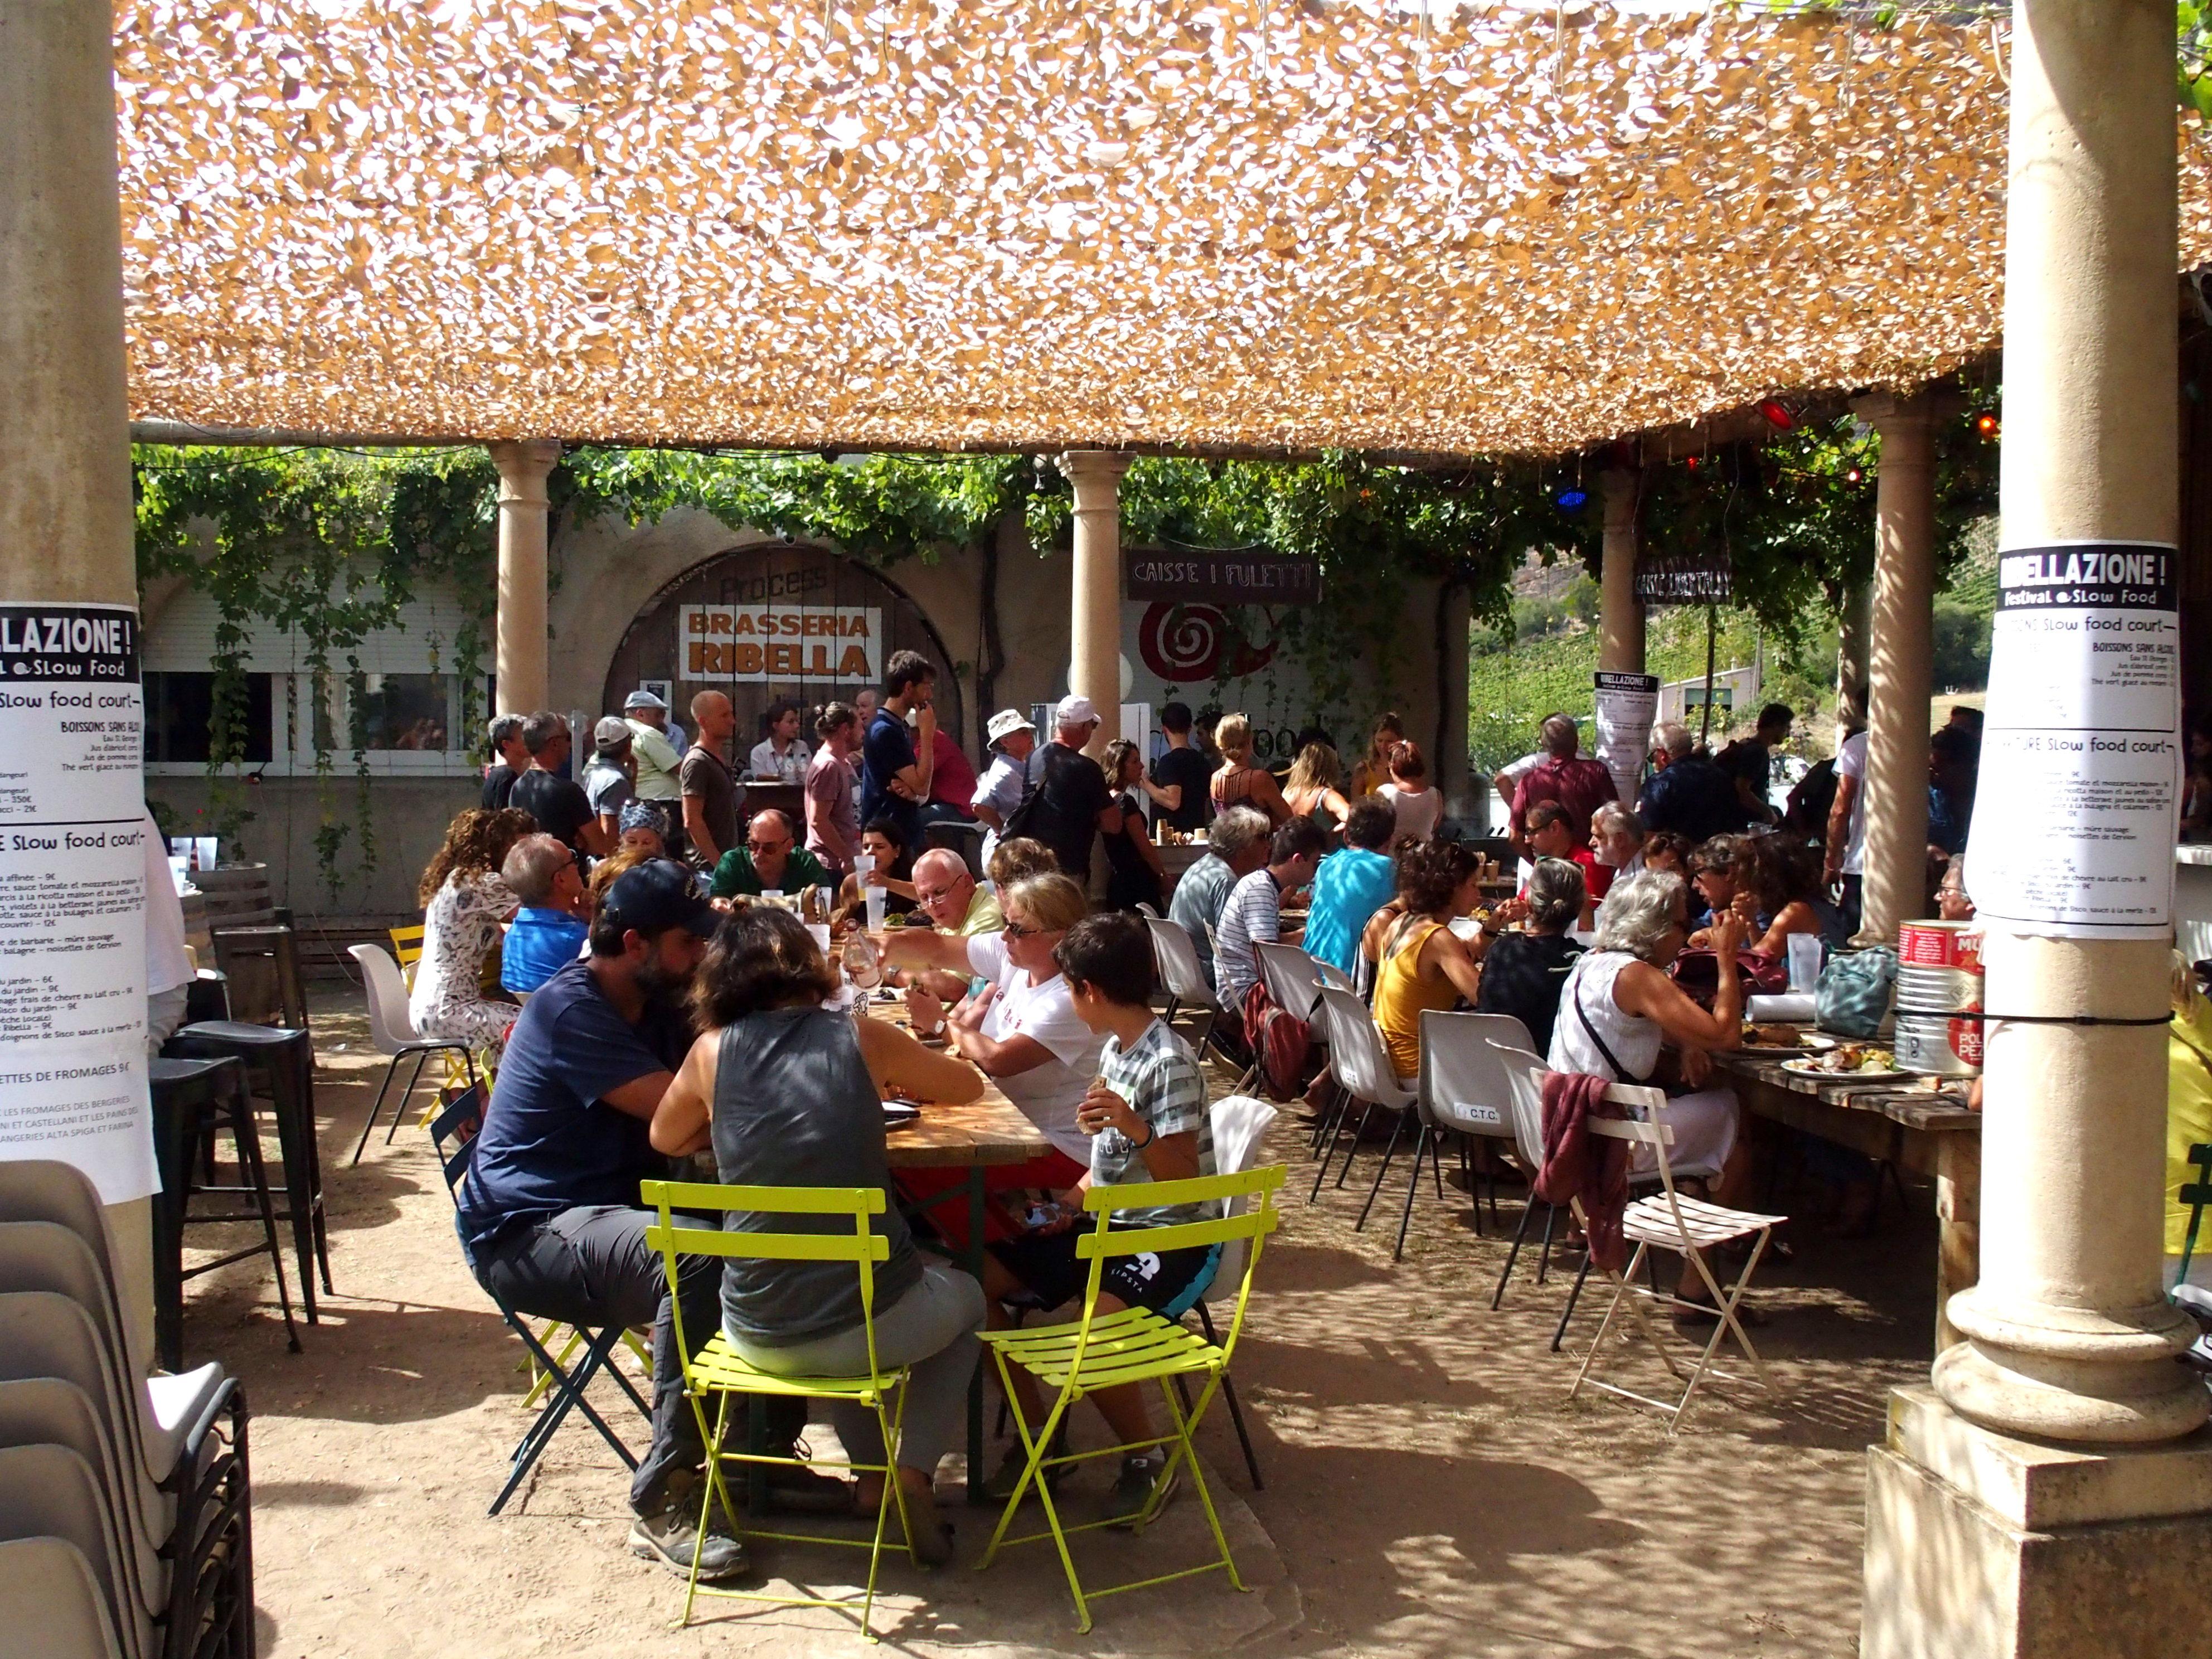 Déjeuner convivial pour manger bon propre et juste en Corse